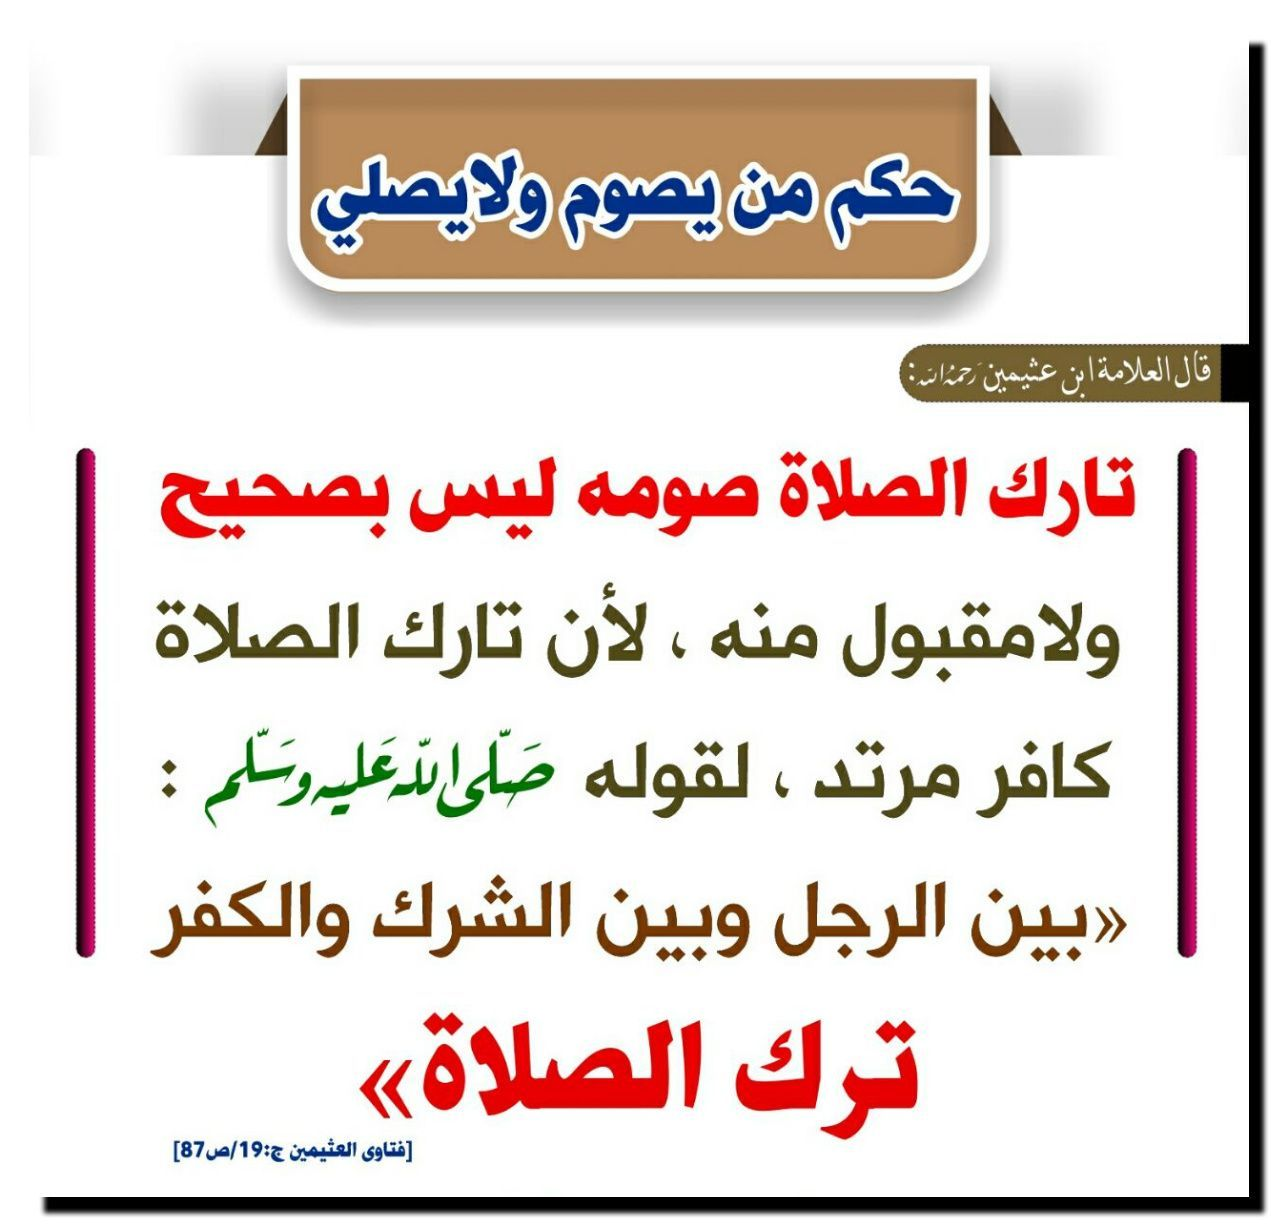 حكم من يصوم ولا يصلي فتوى شرعية Islam Facts Ramadan Islam